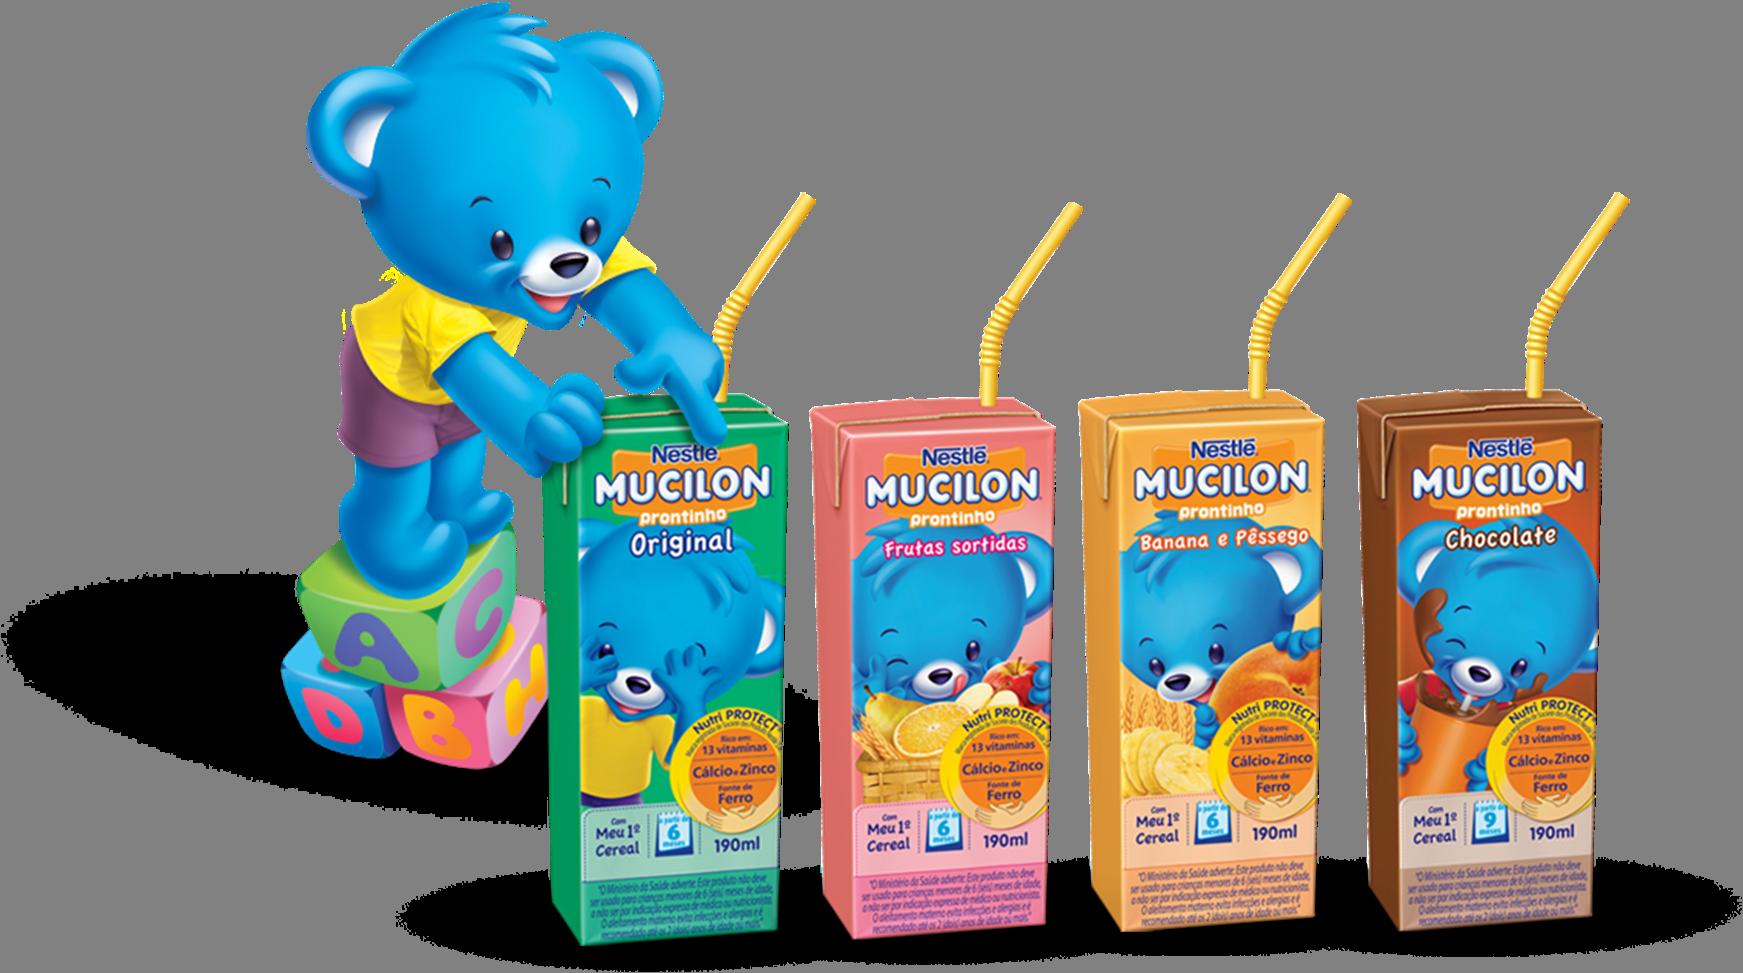 Mucilon Prontinho da Nestlé